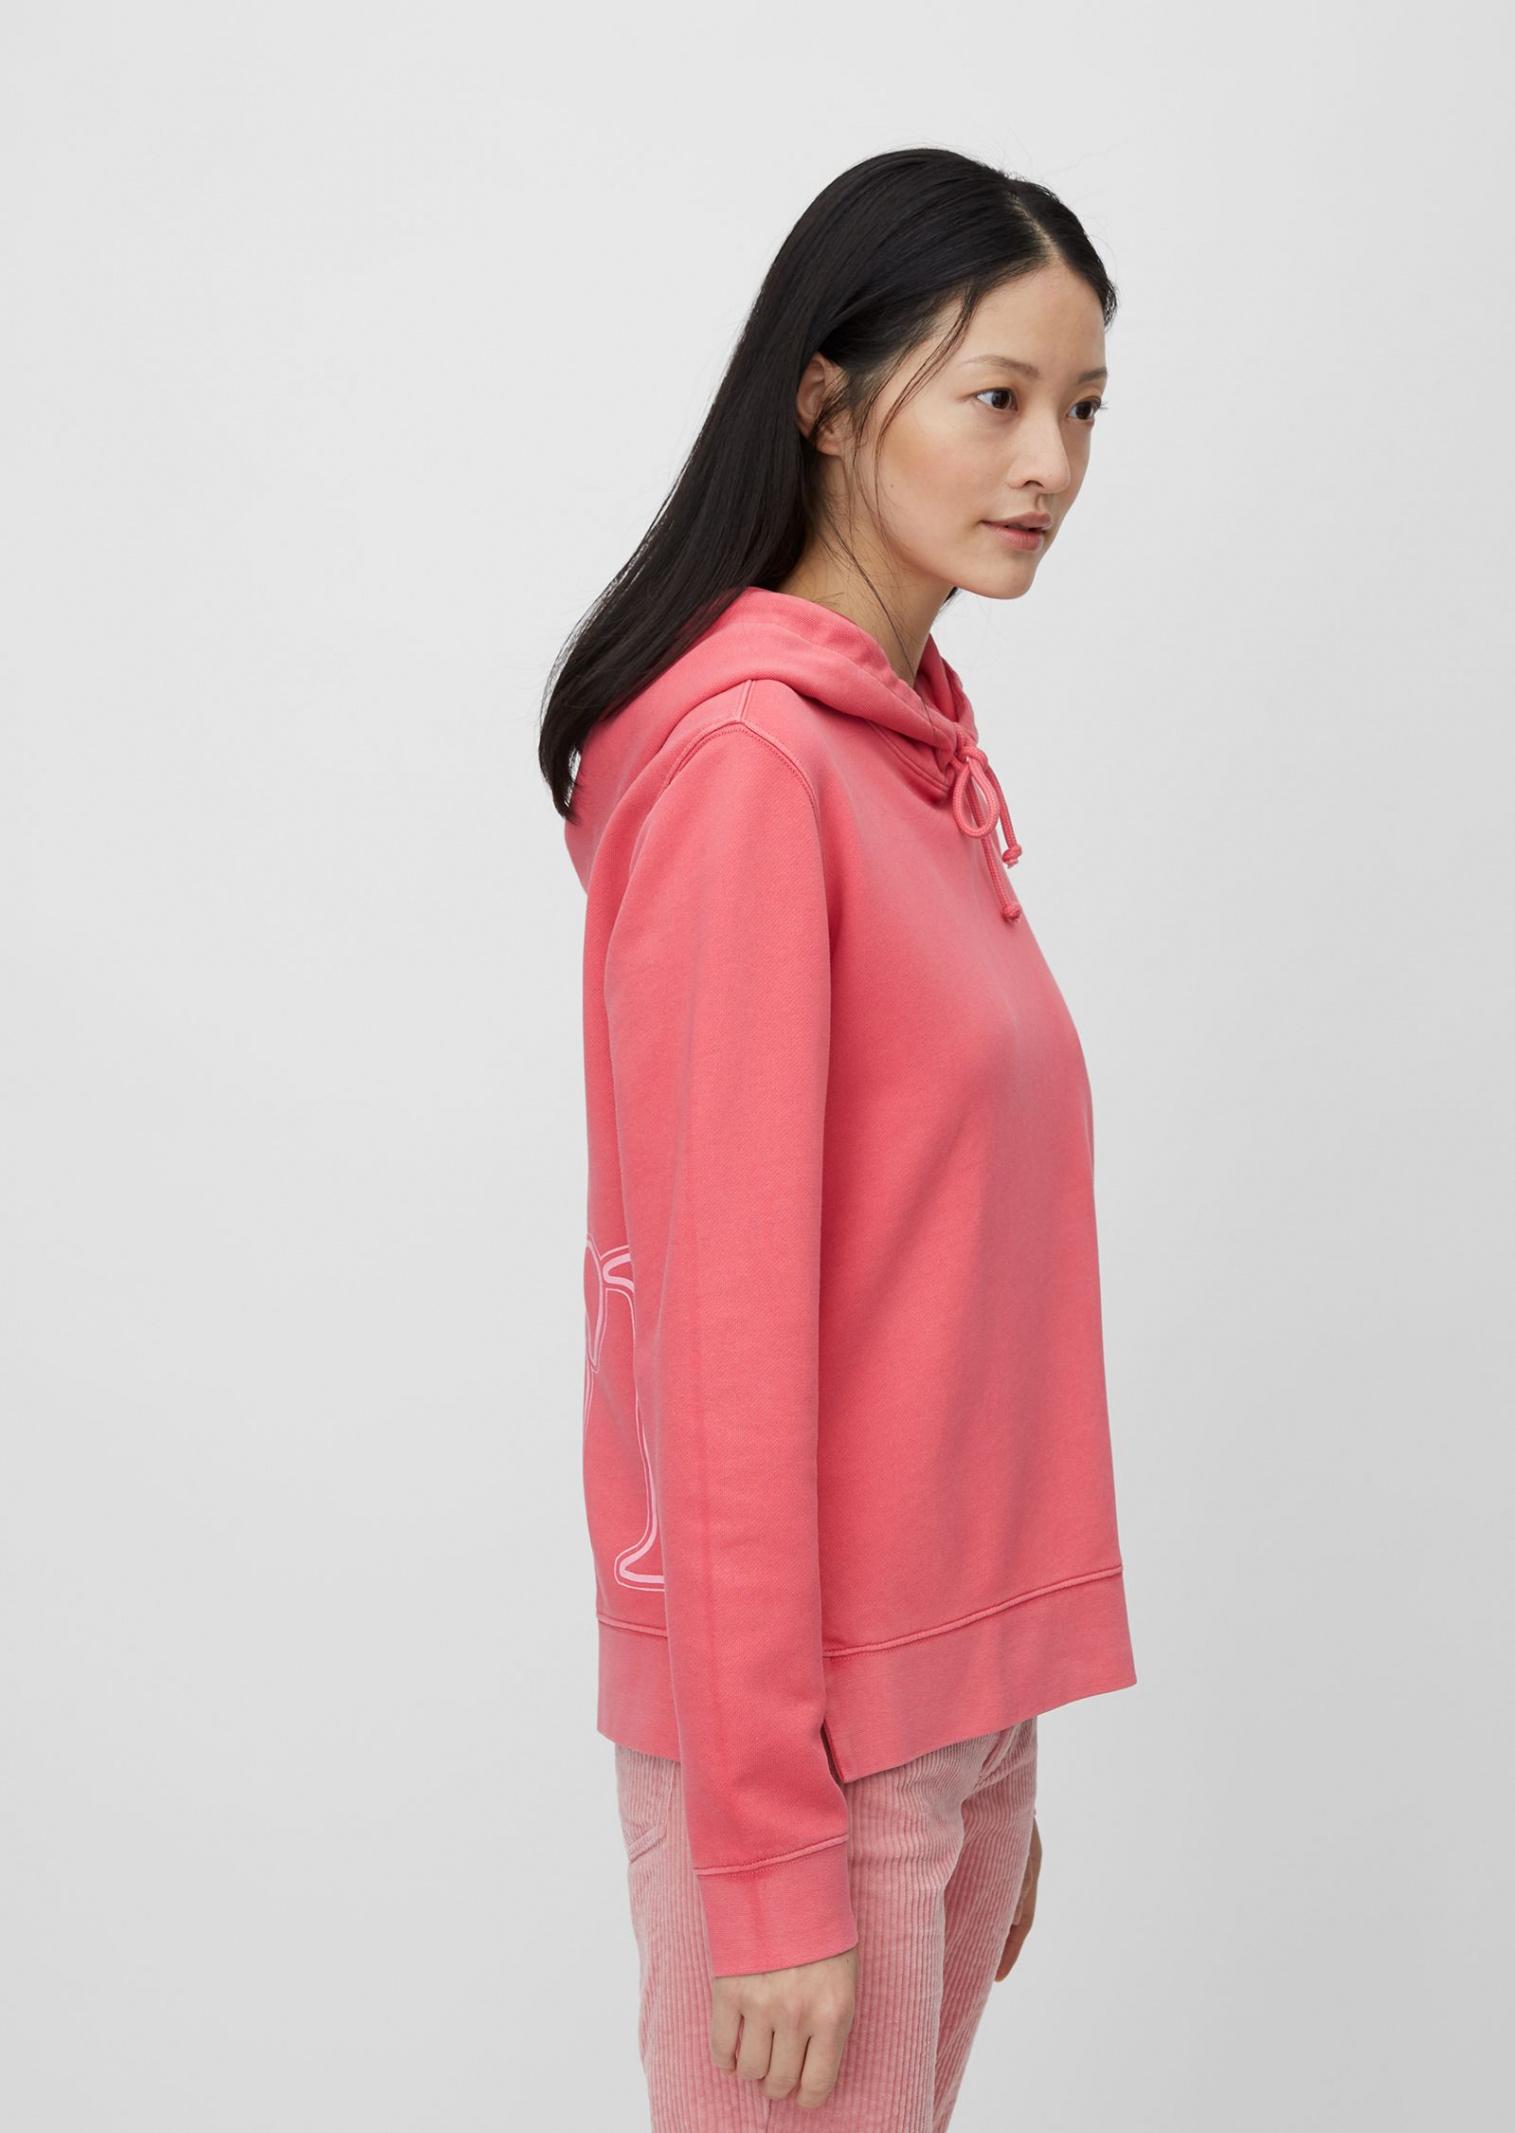 Кофты и свитера женские MARC O'POLO модель PF3950 качество, 2017